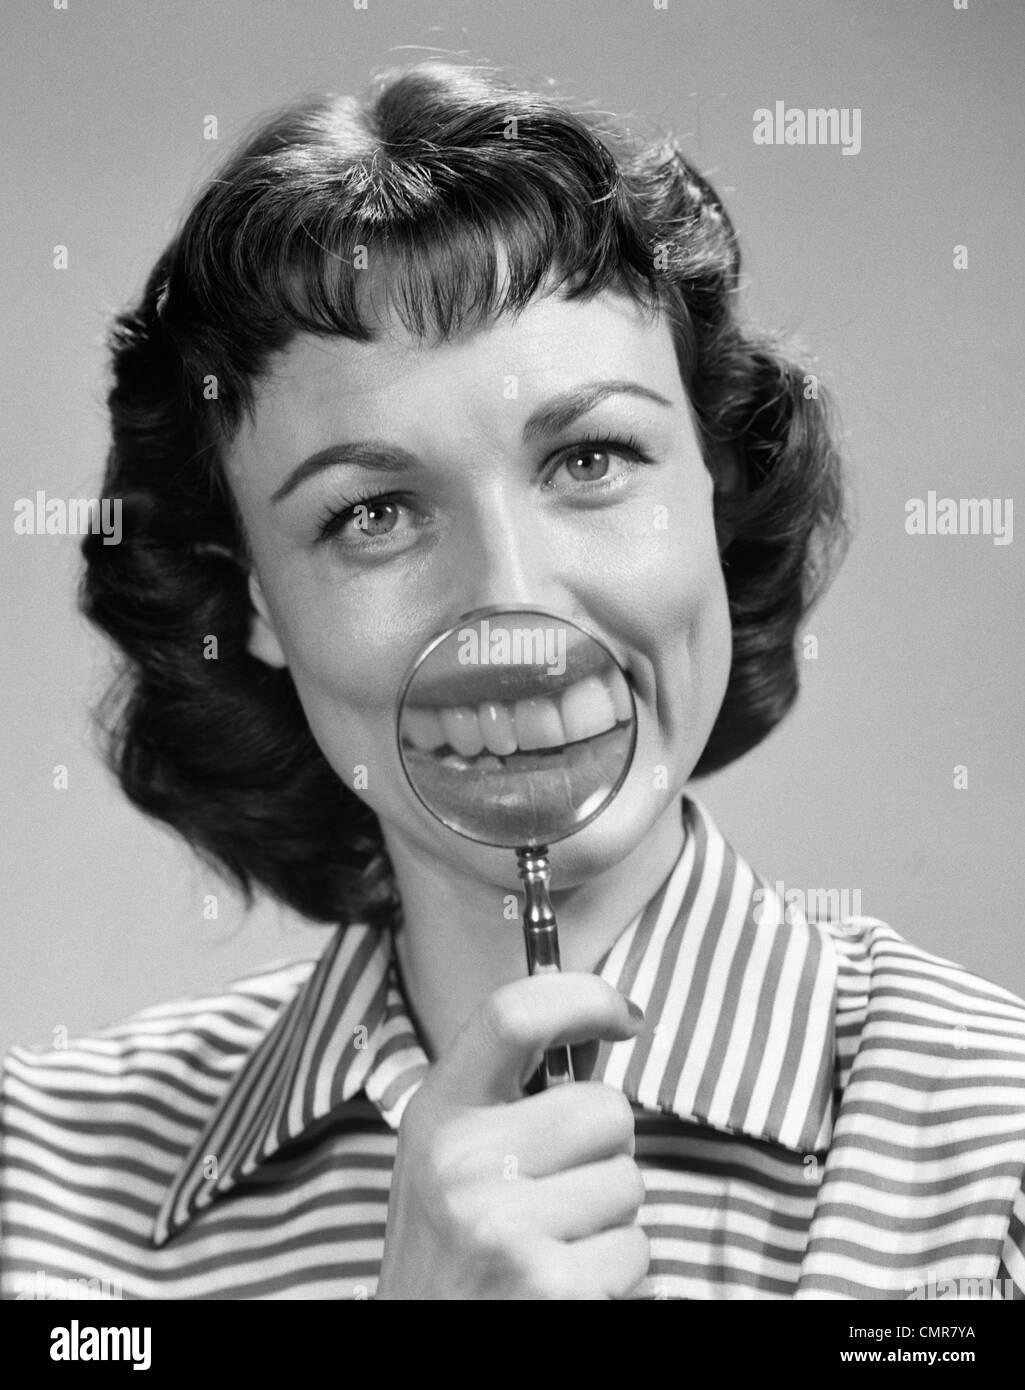 1950 Retrato de mujer morena sonriente mirando a la cámara la celebración de LUPA PARA BOCA Imagen De Stock